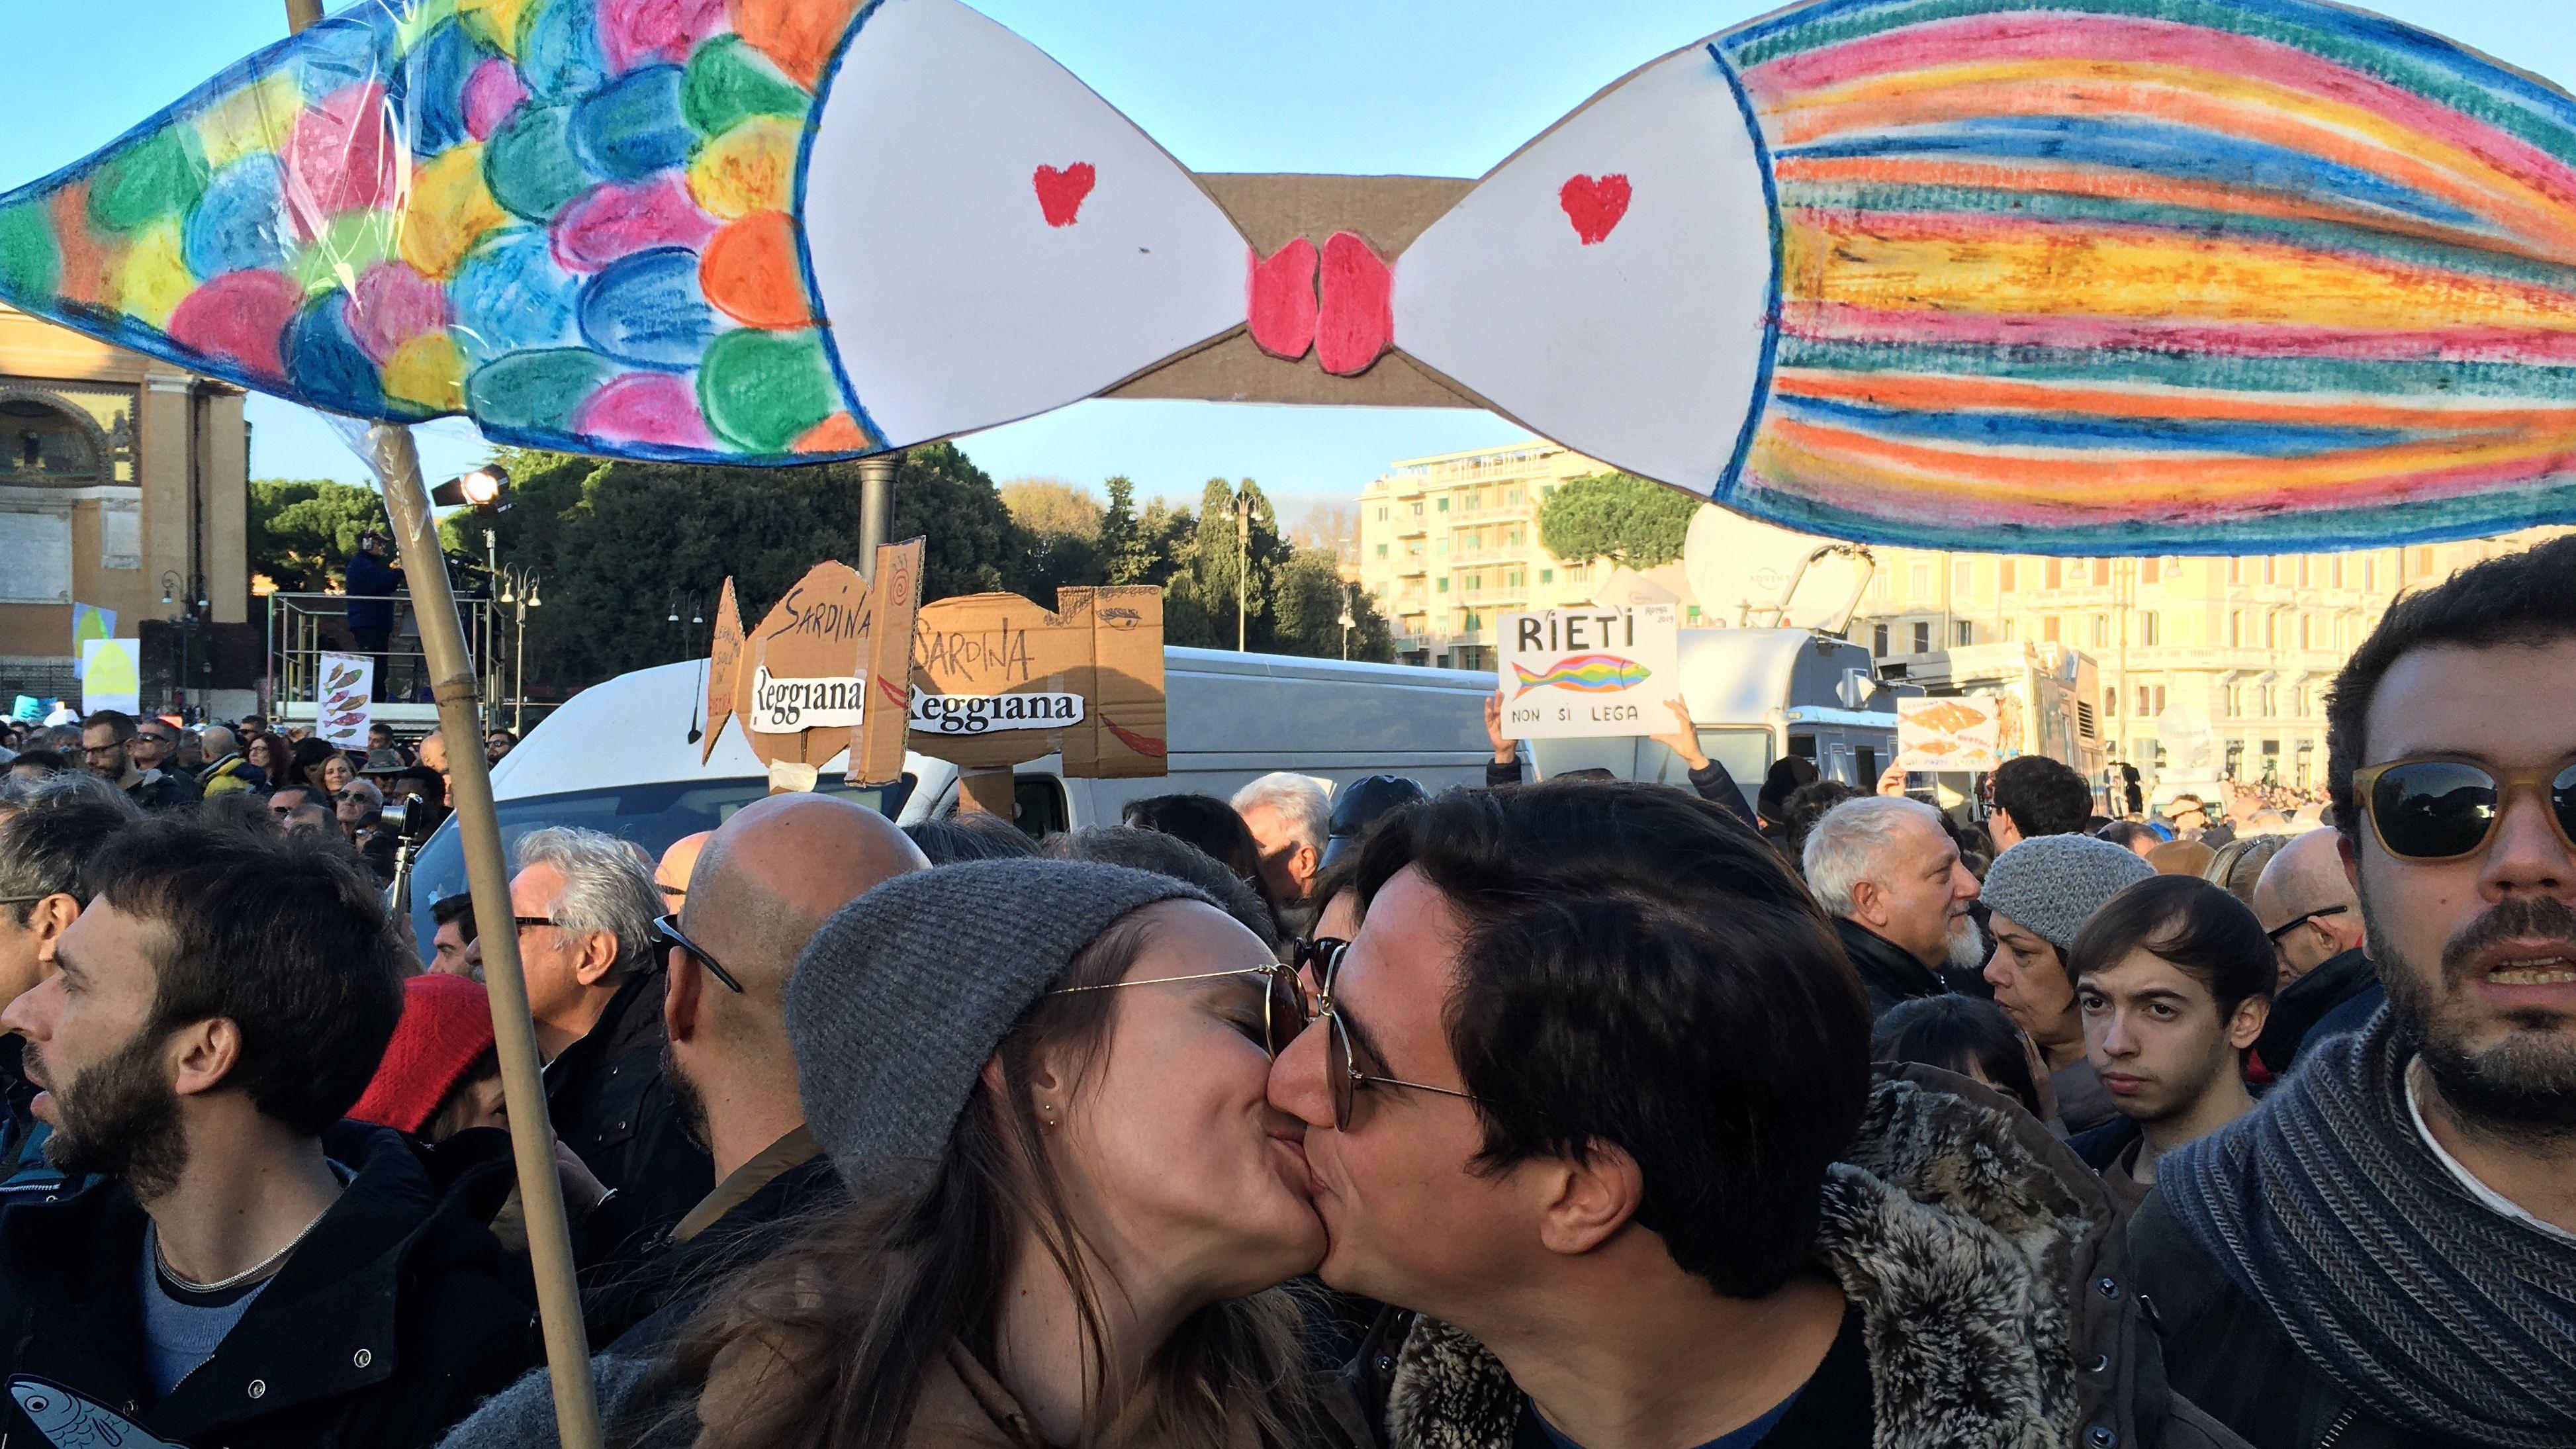 Zwei Demonstranten küssen sich unter Sardinensymbolen